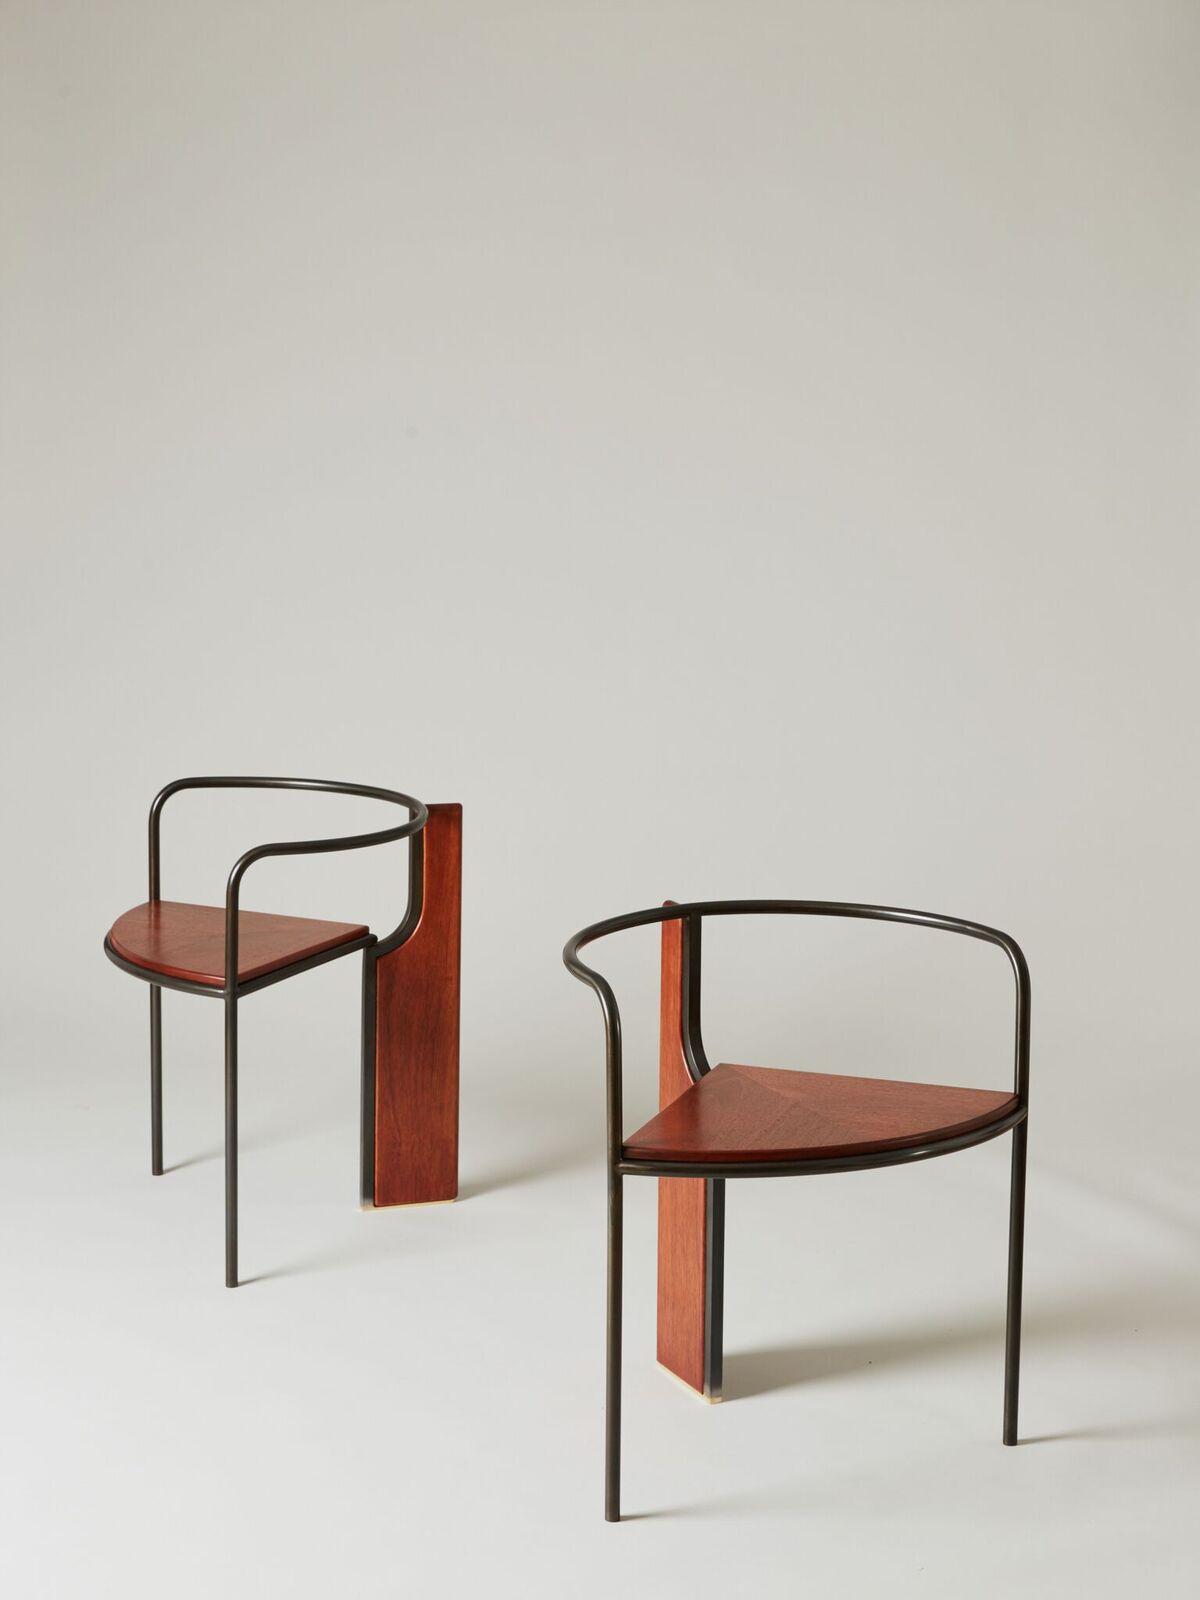 PELLE Design Studio - The  Fin Chair